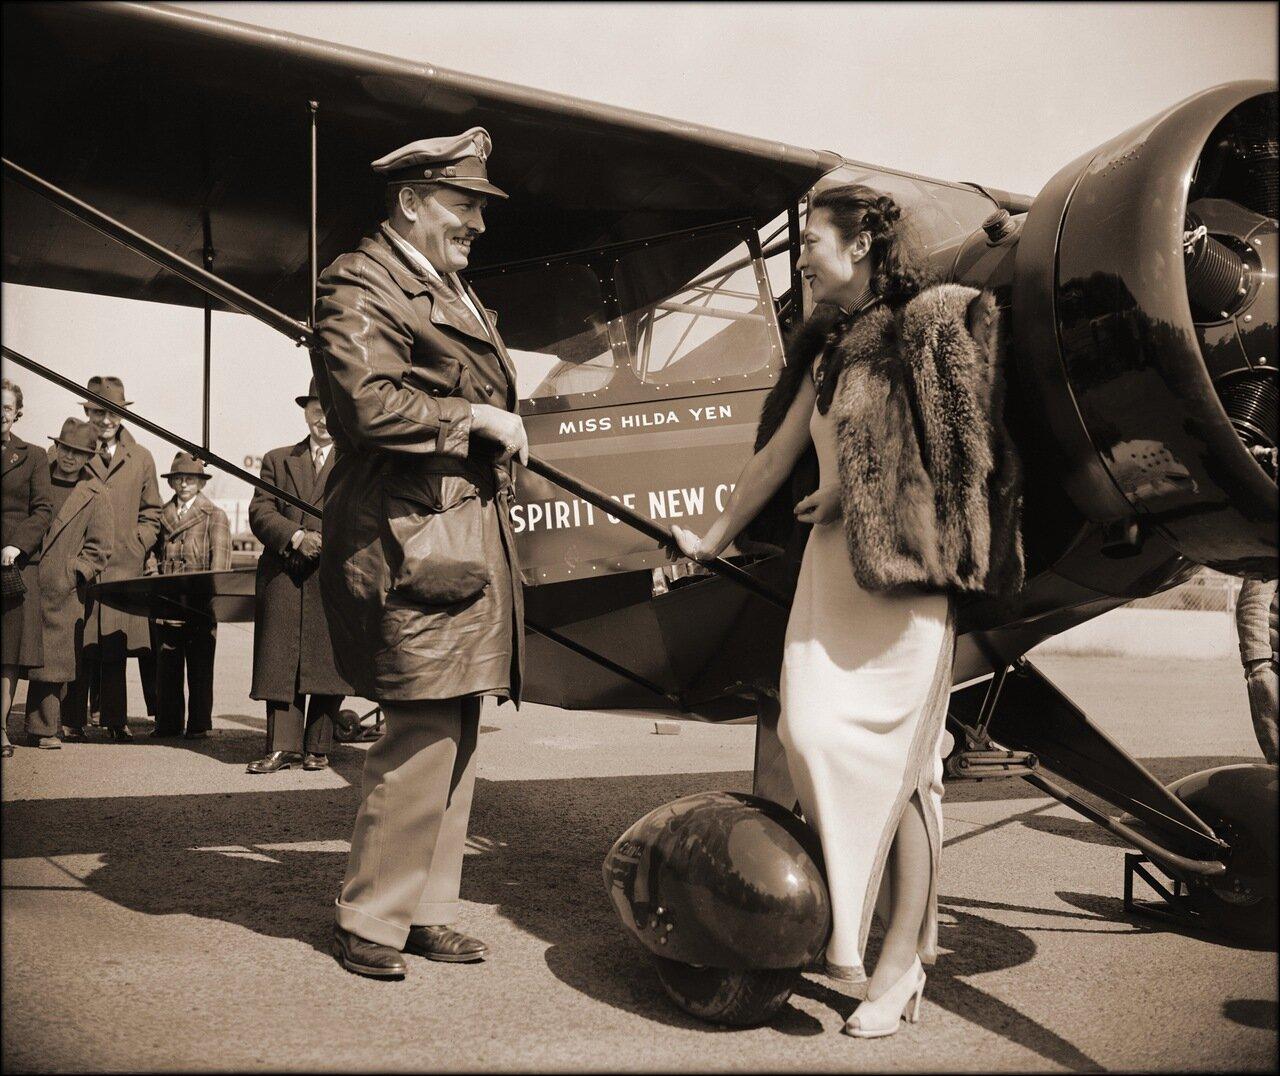 1939. Китайская летчица получает в дар от полковника Роско Тернера новый самолет, Вашингтон, округ Колумбия